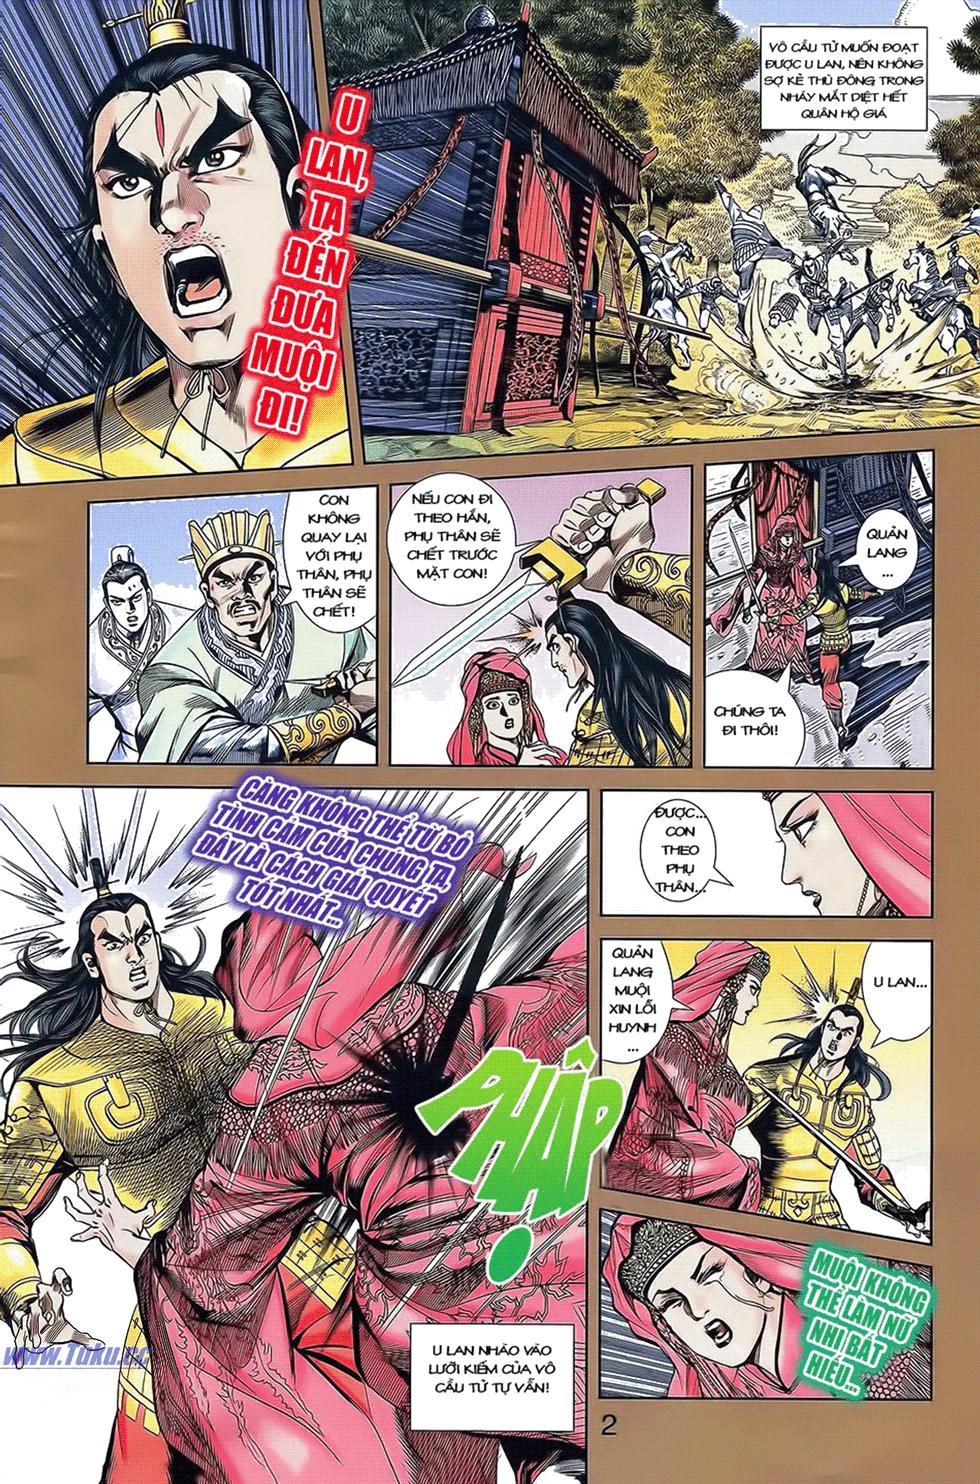 Tần Vương Doanh Chính chapter 14 trang 27